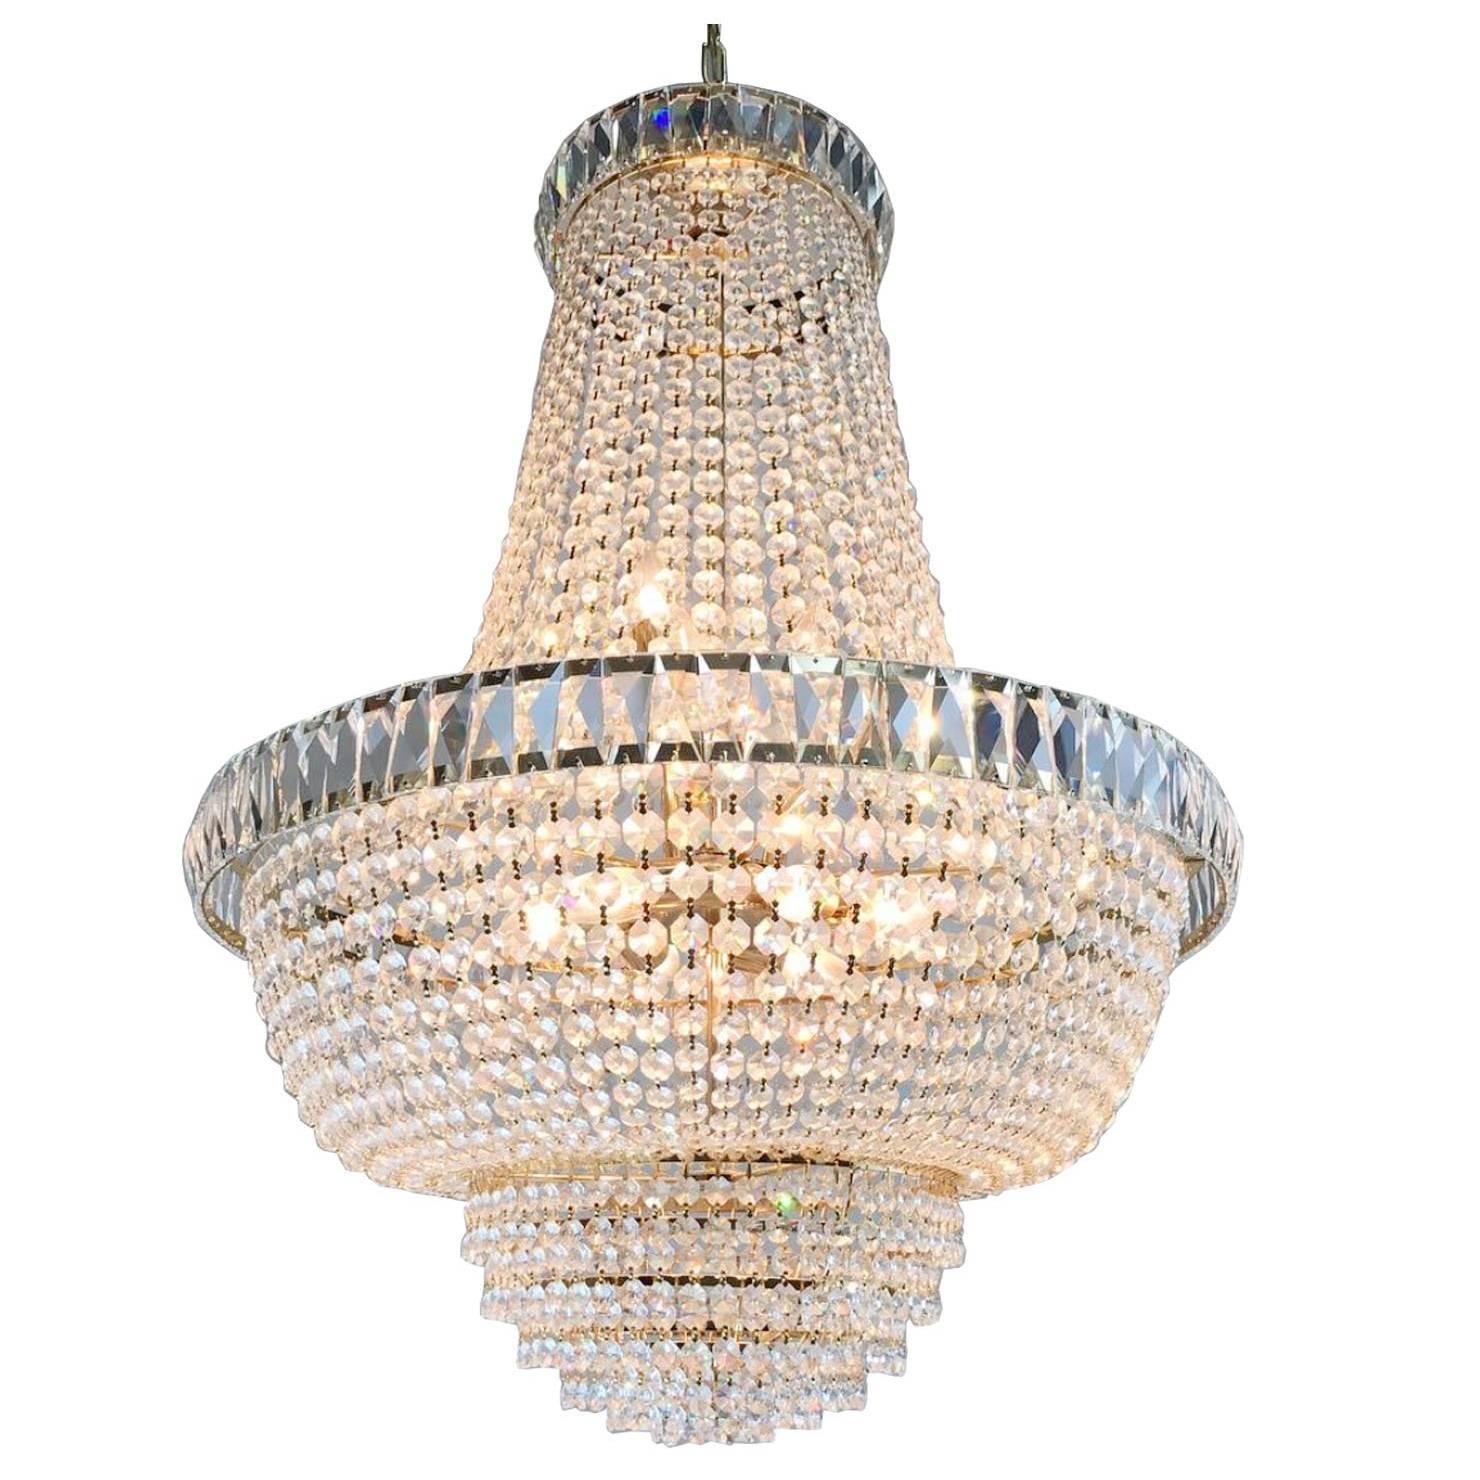 Nine-Light Crystal Chandelier